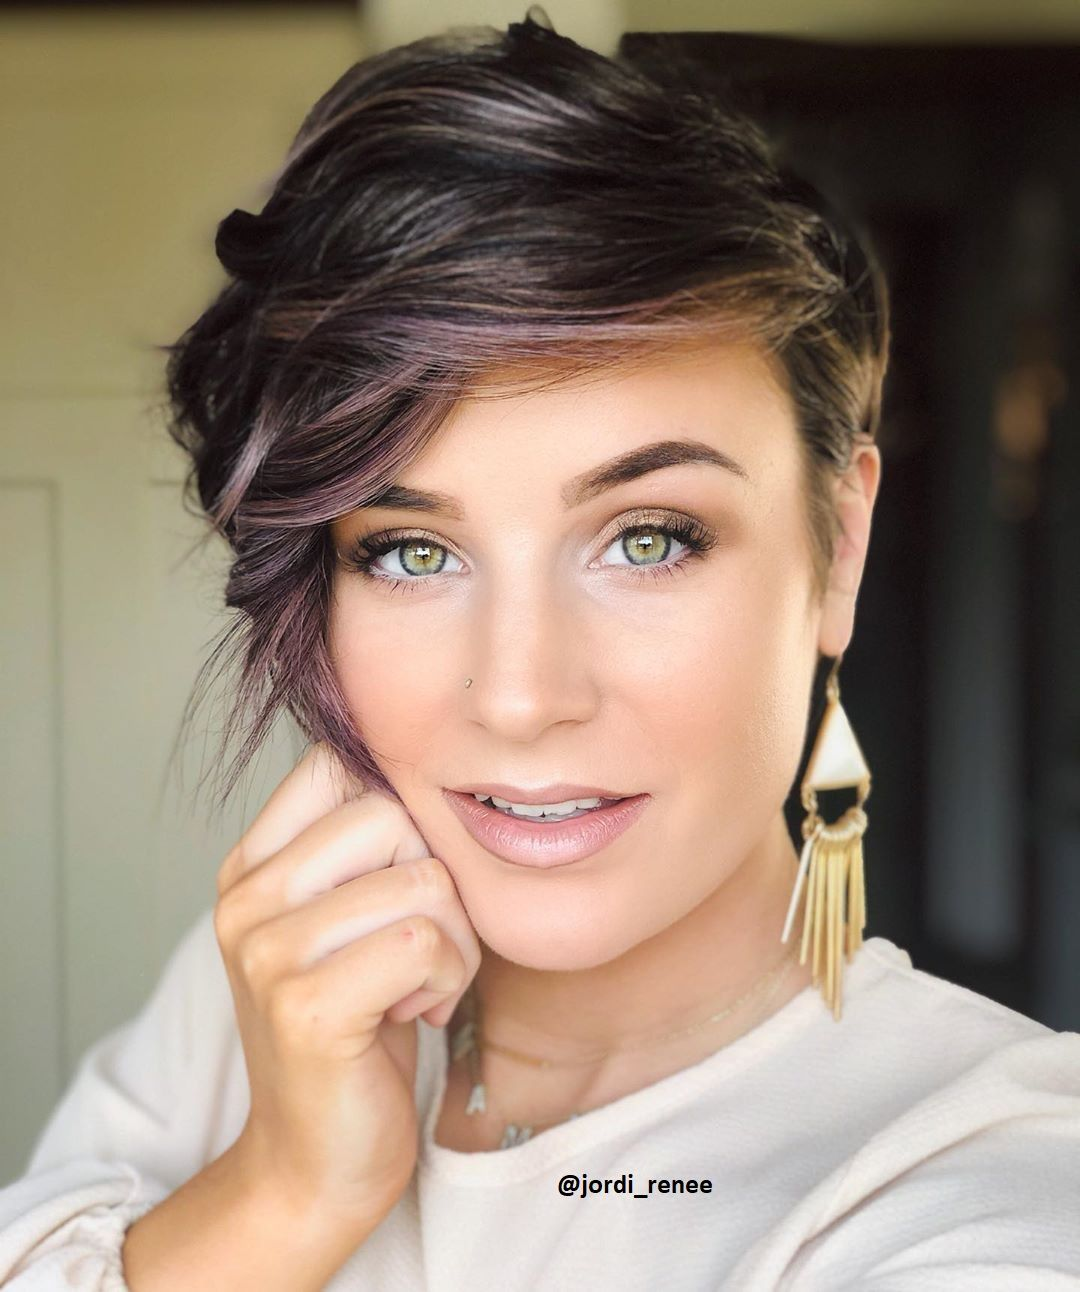 Finden Männer, Frauen mit kurzen Haaren wirklich attraktiver